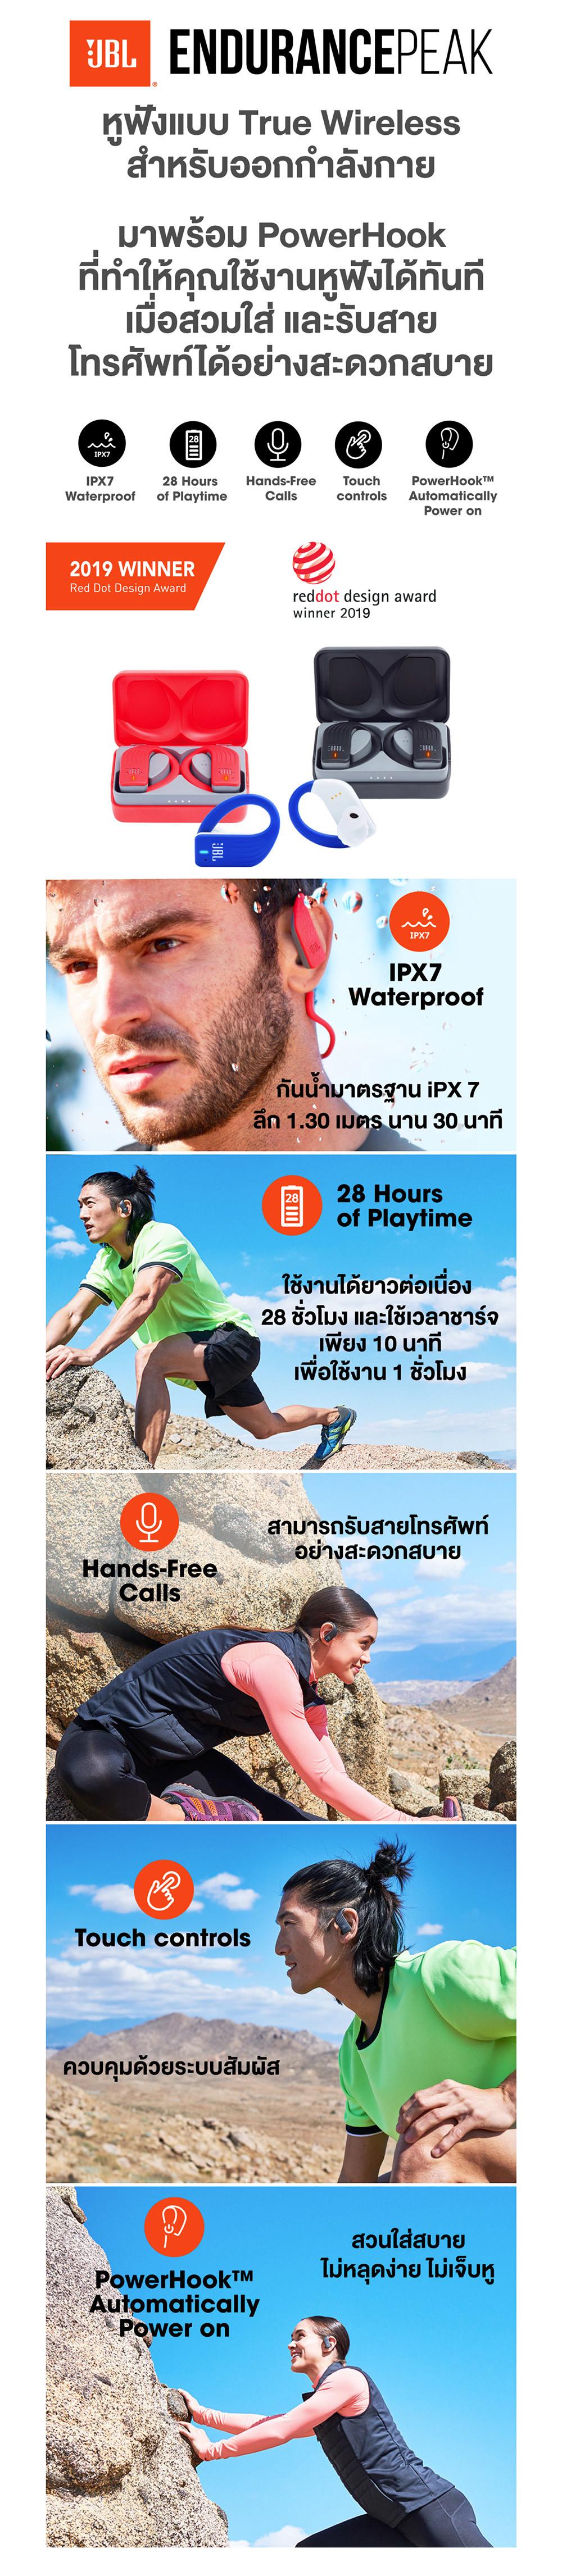 c01-endurance-peak.jpg